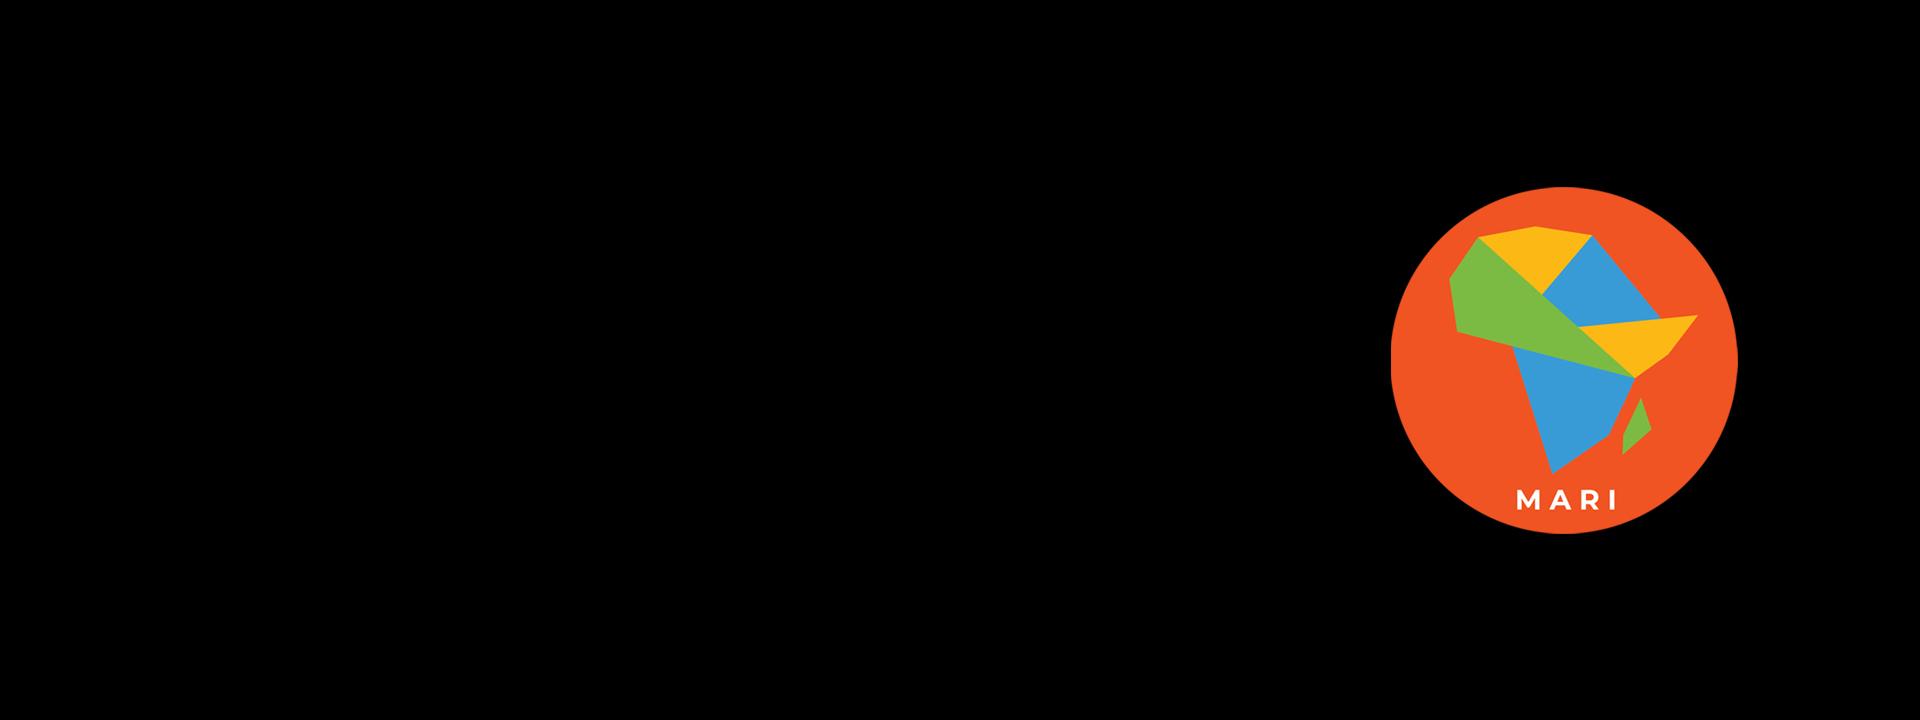 Microsoft Africa Research Institute (MARI) logo